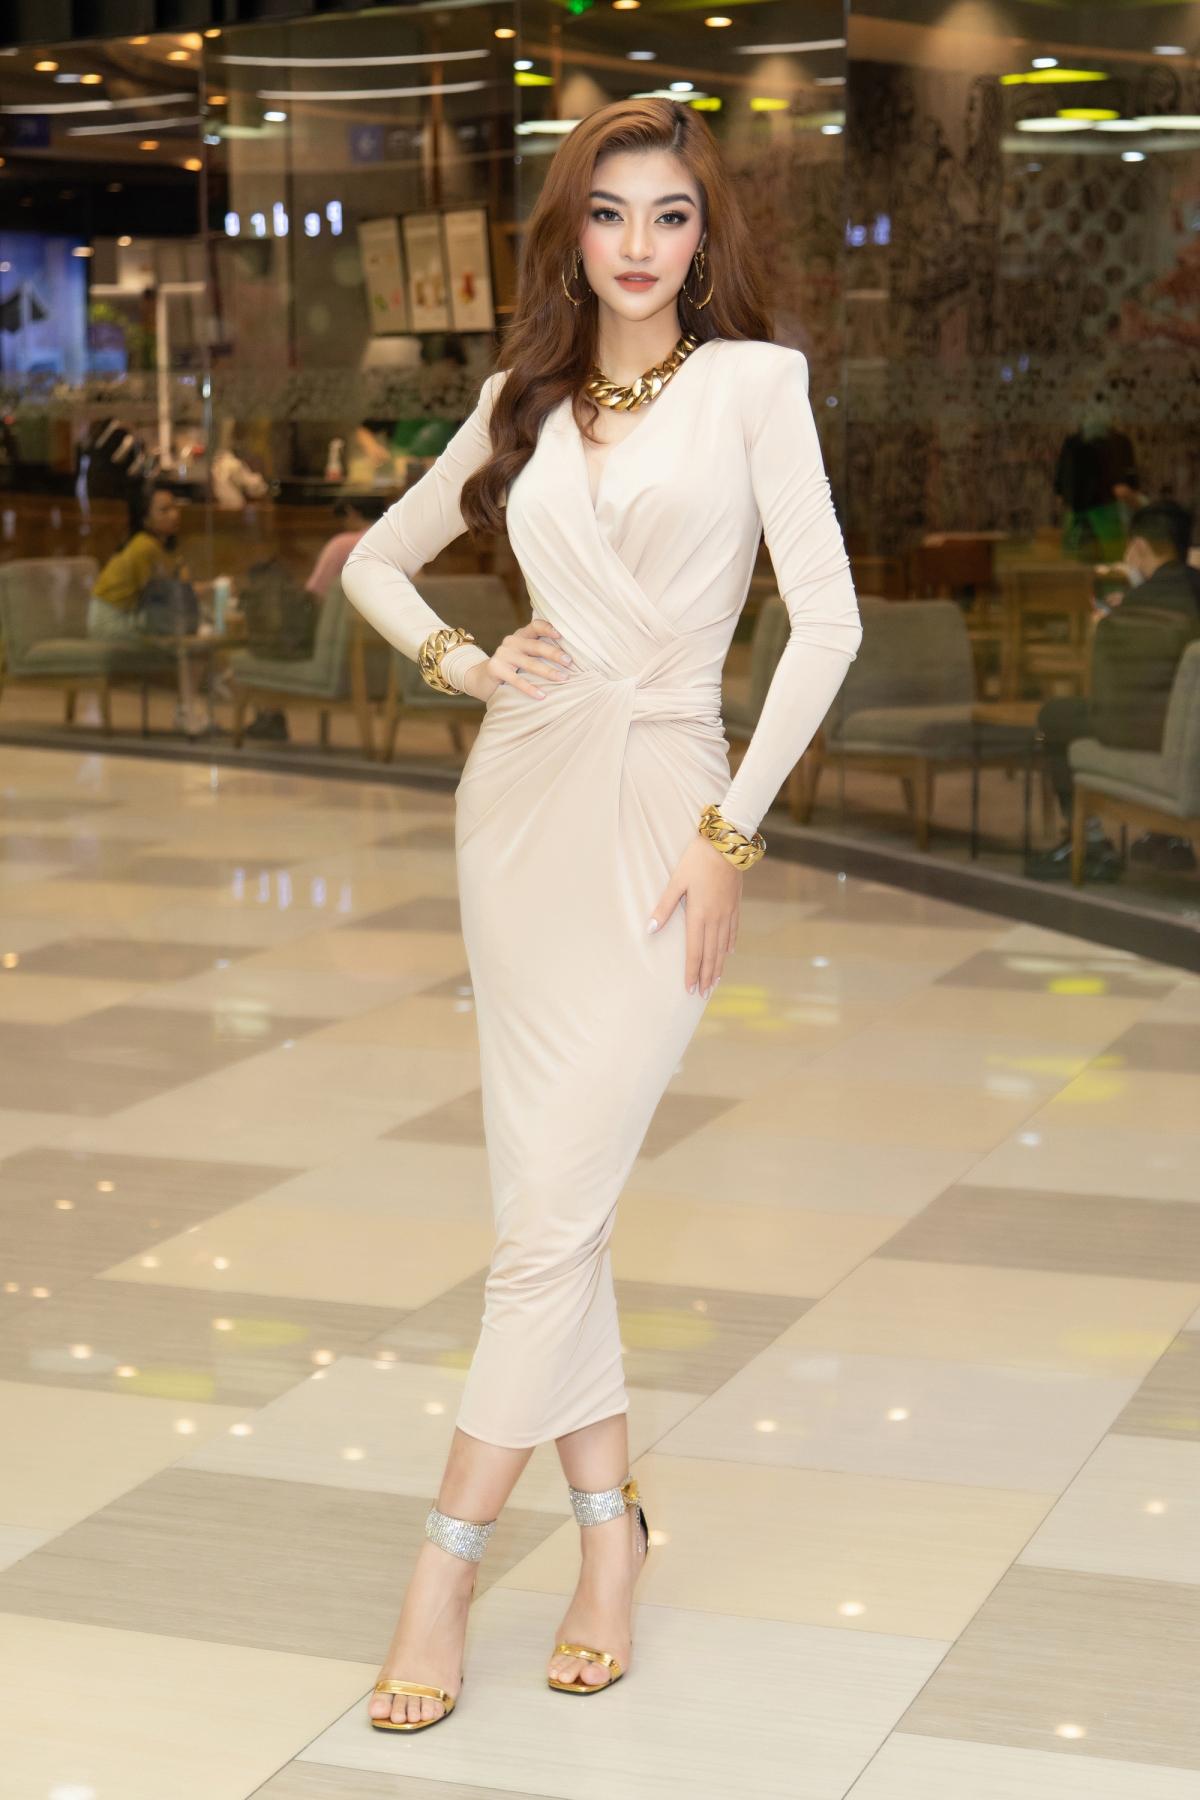 Sau khi trở thành mentor của cuộc thi Miss International Queen Vietnam 2020, độ hot của cái tên Kiều Loan cũng tăng cao và ngày càng nhận được nhiều sự quan tâm phía công chúng.